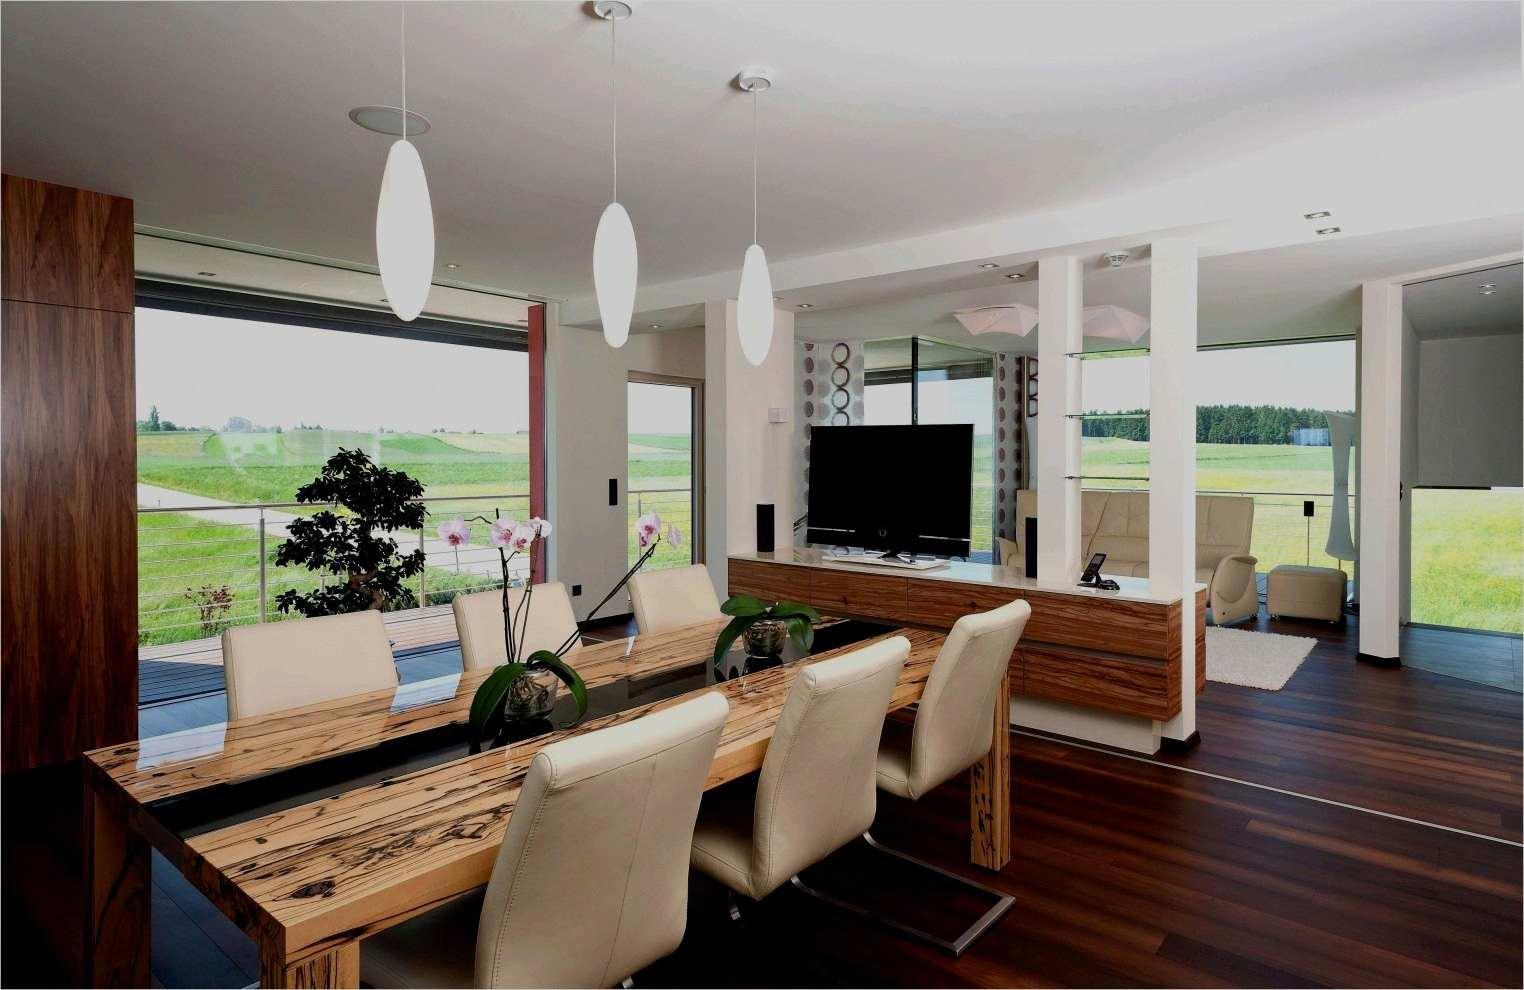 Wohnung Einrichten Ideen Wohnzimmer